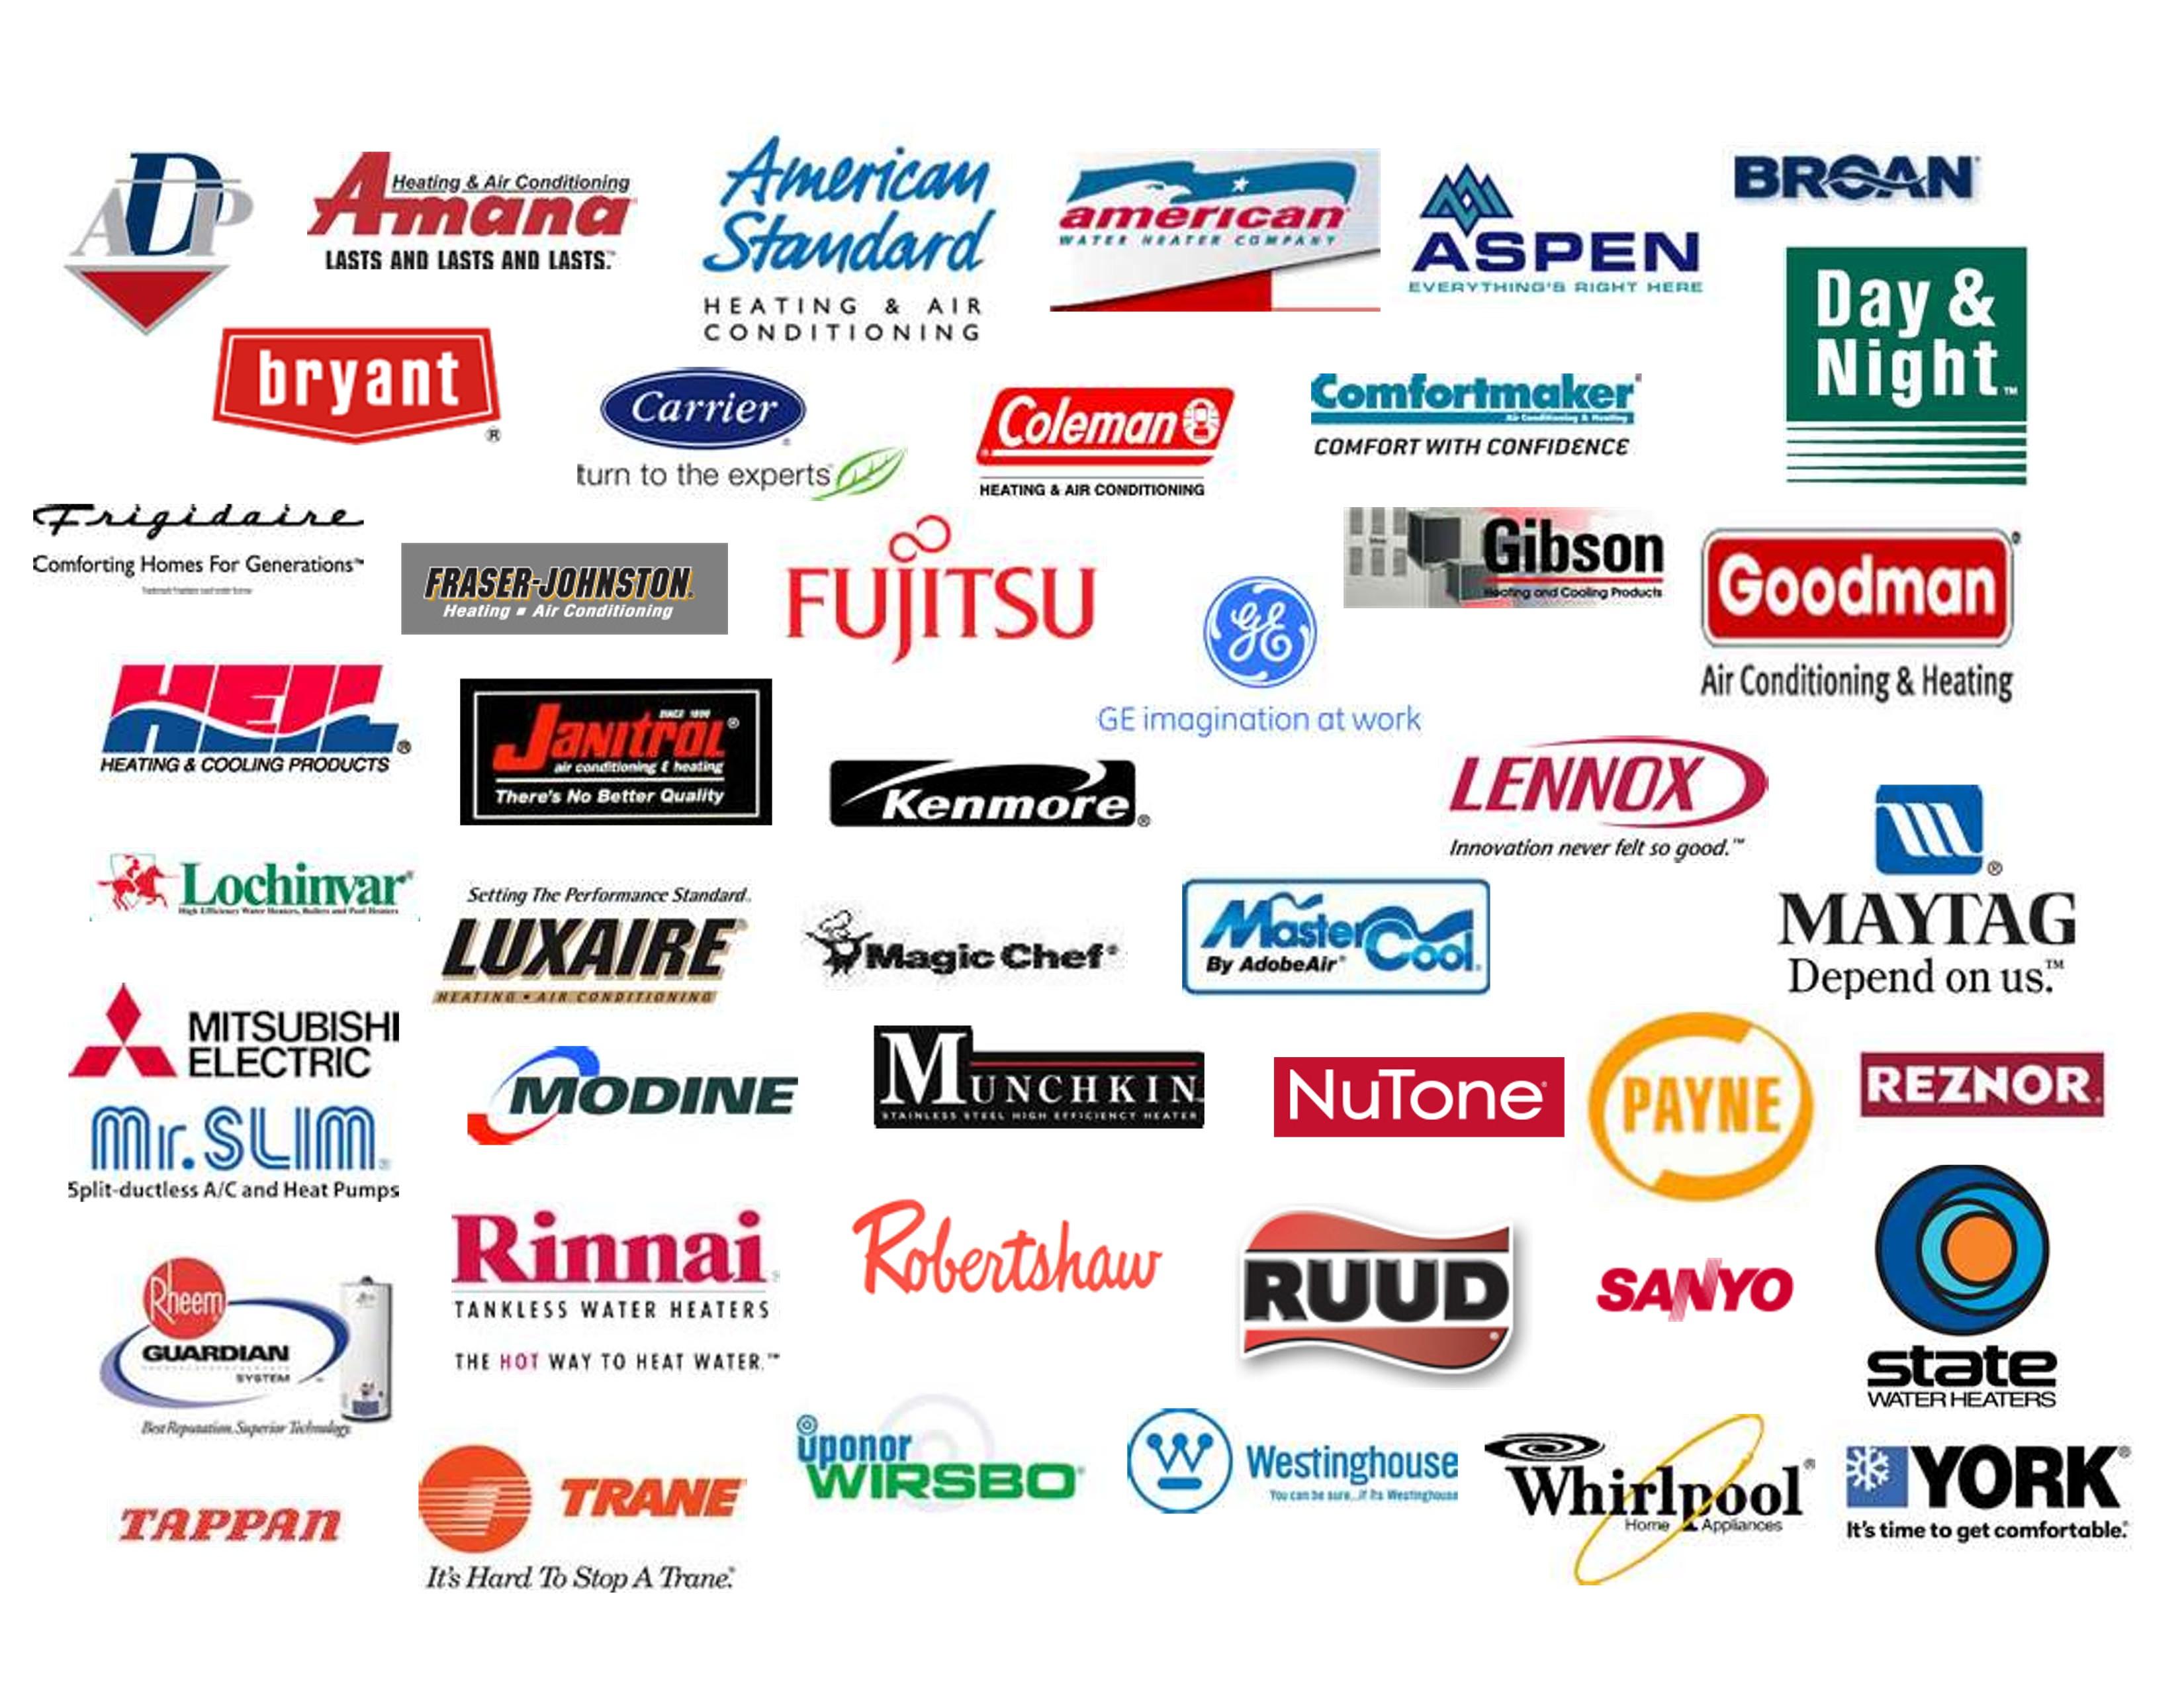 Top 10 HVAC Brands ACR OKC